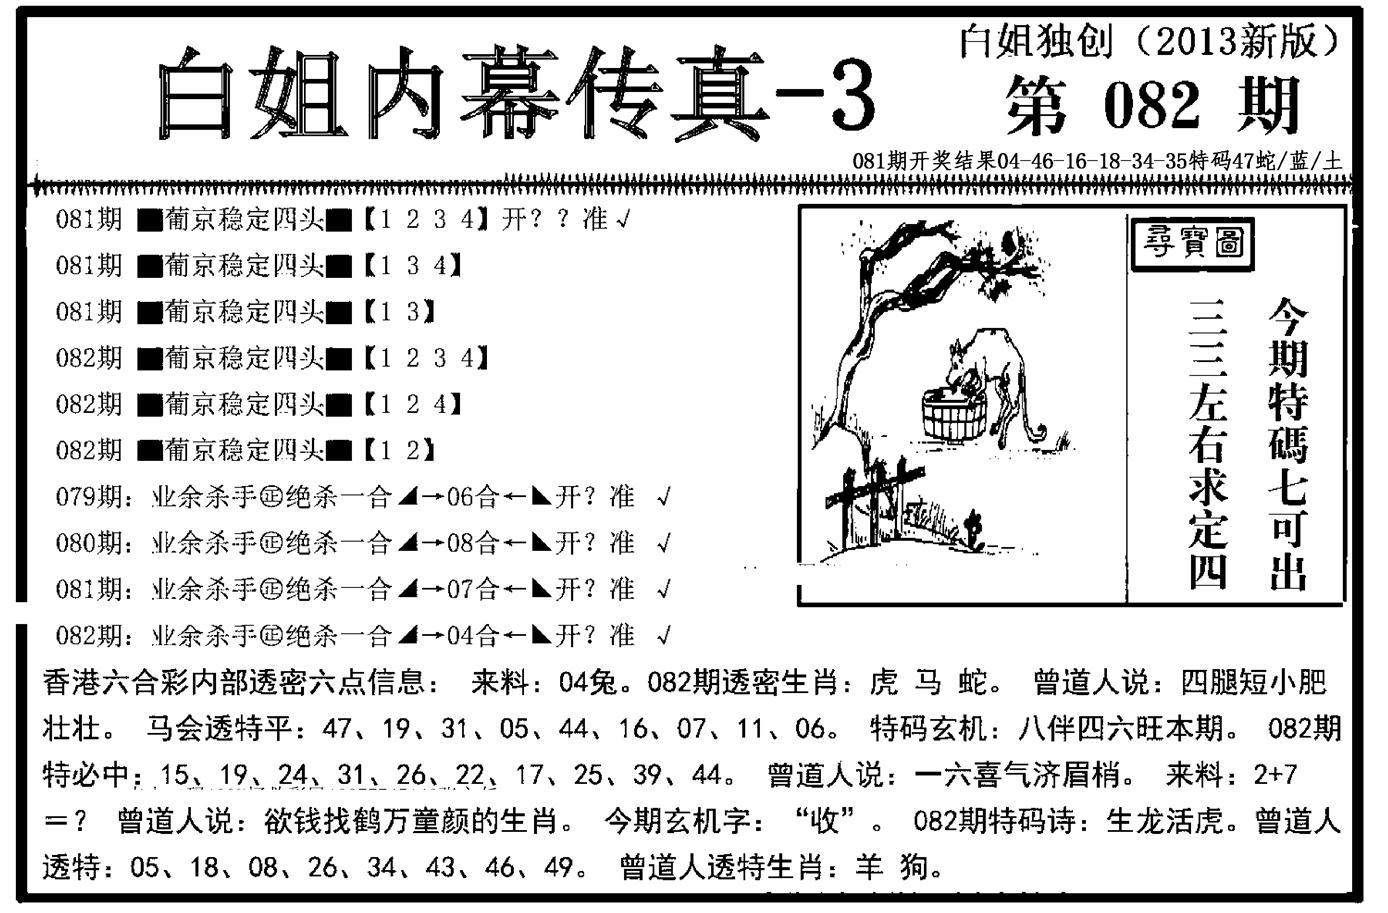 082期白姐内幕传真-3(黑白)